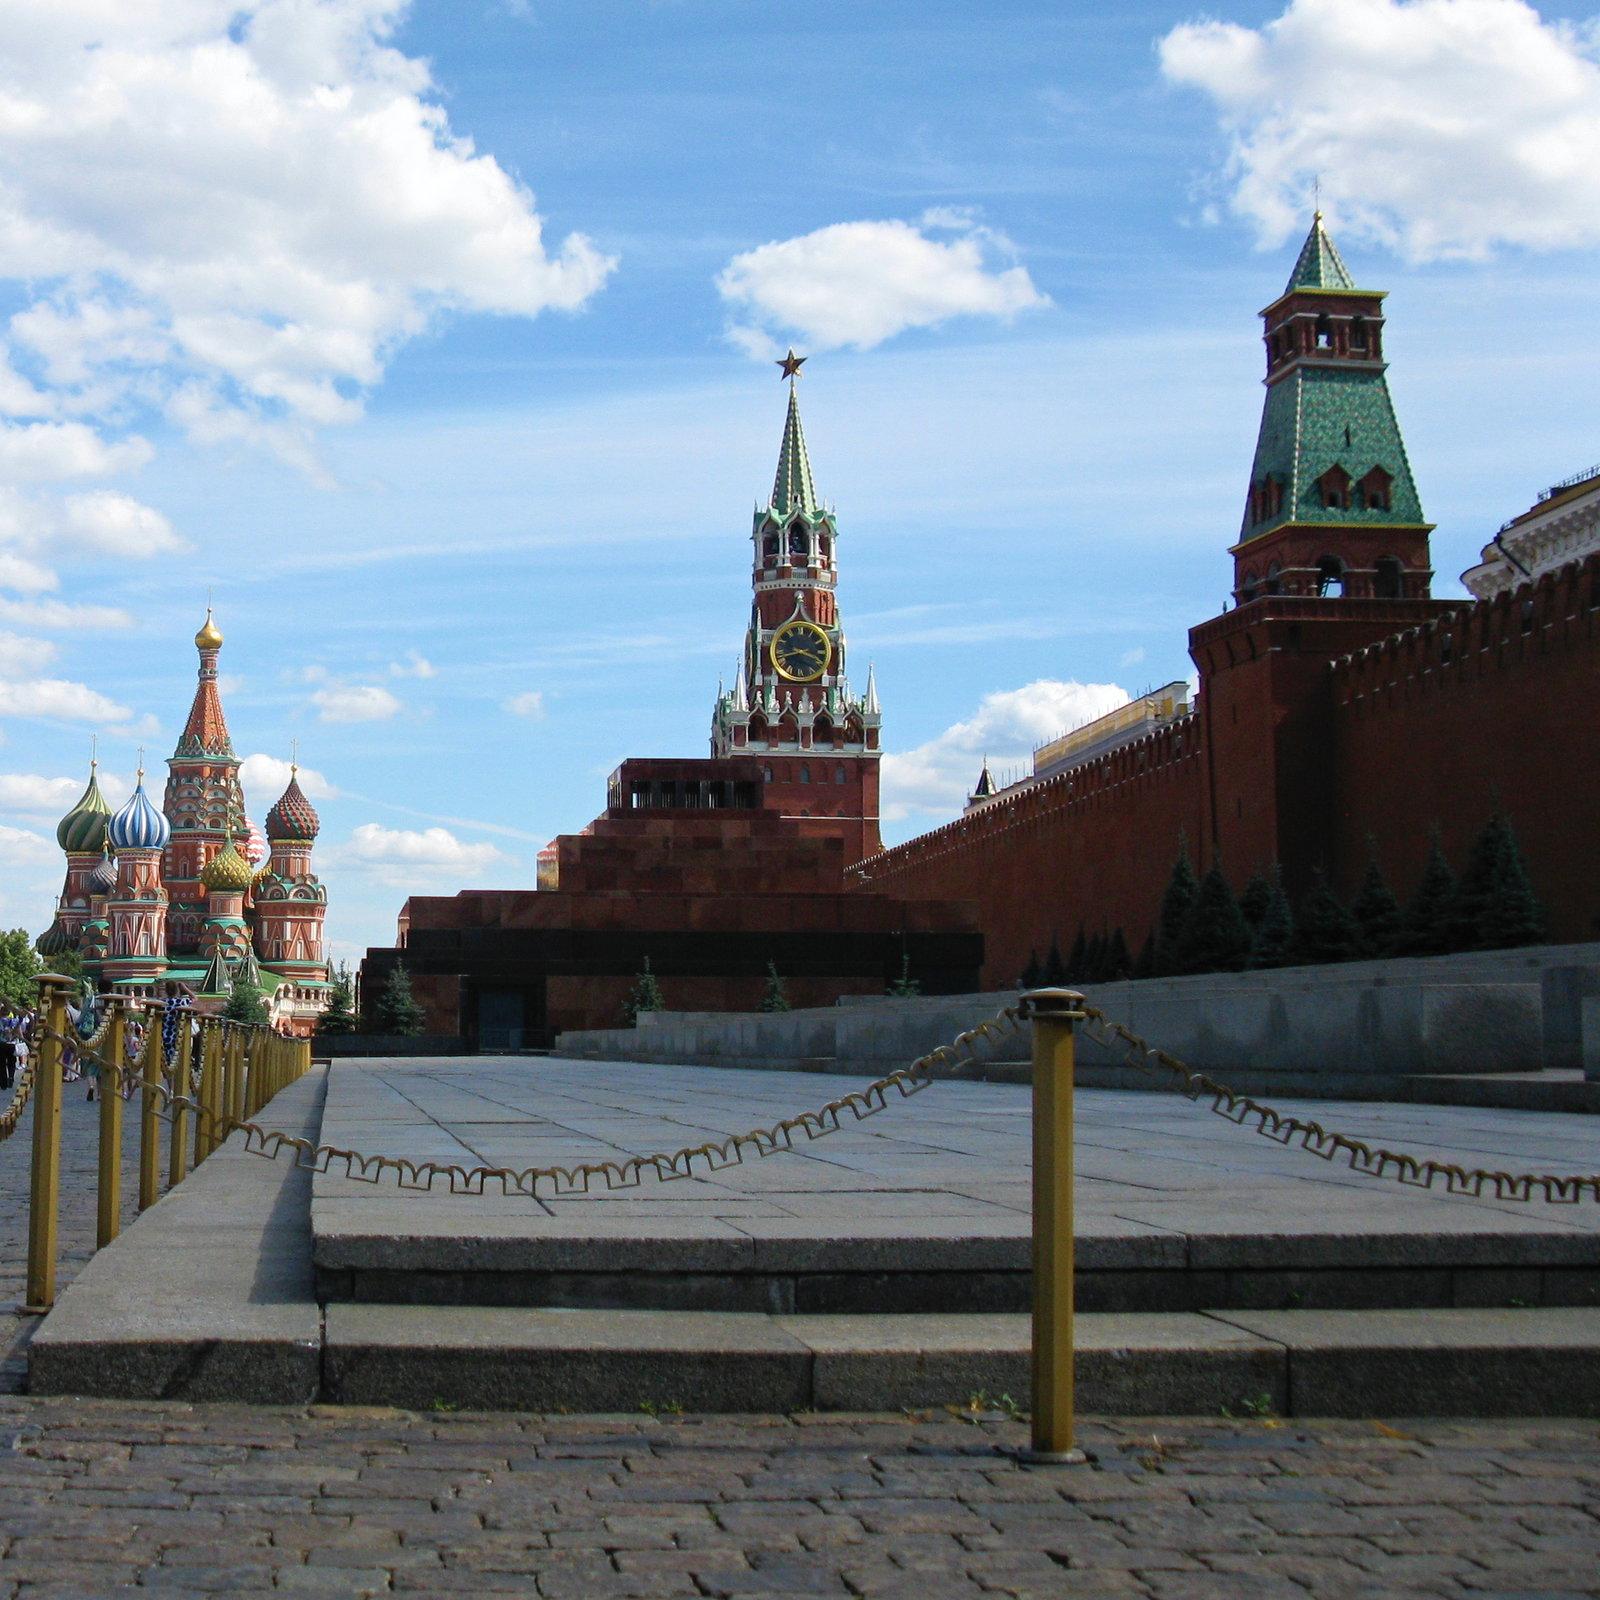 Как долго тело Ленина еще будет выставлено в мавзолее?